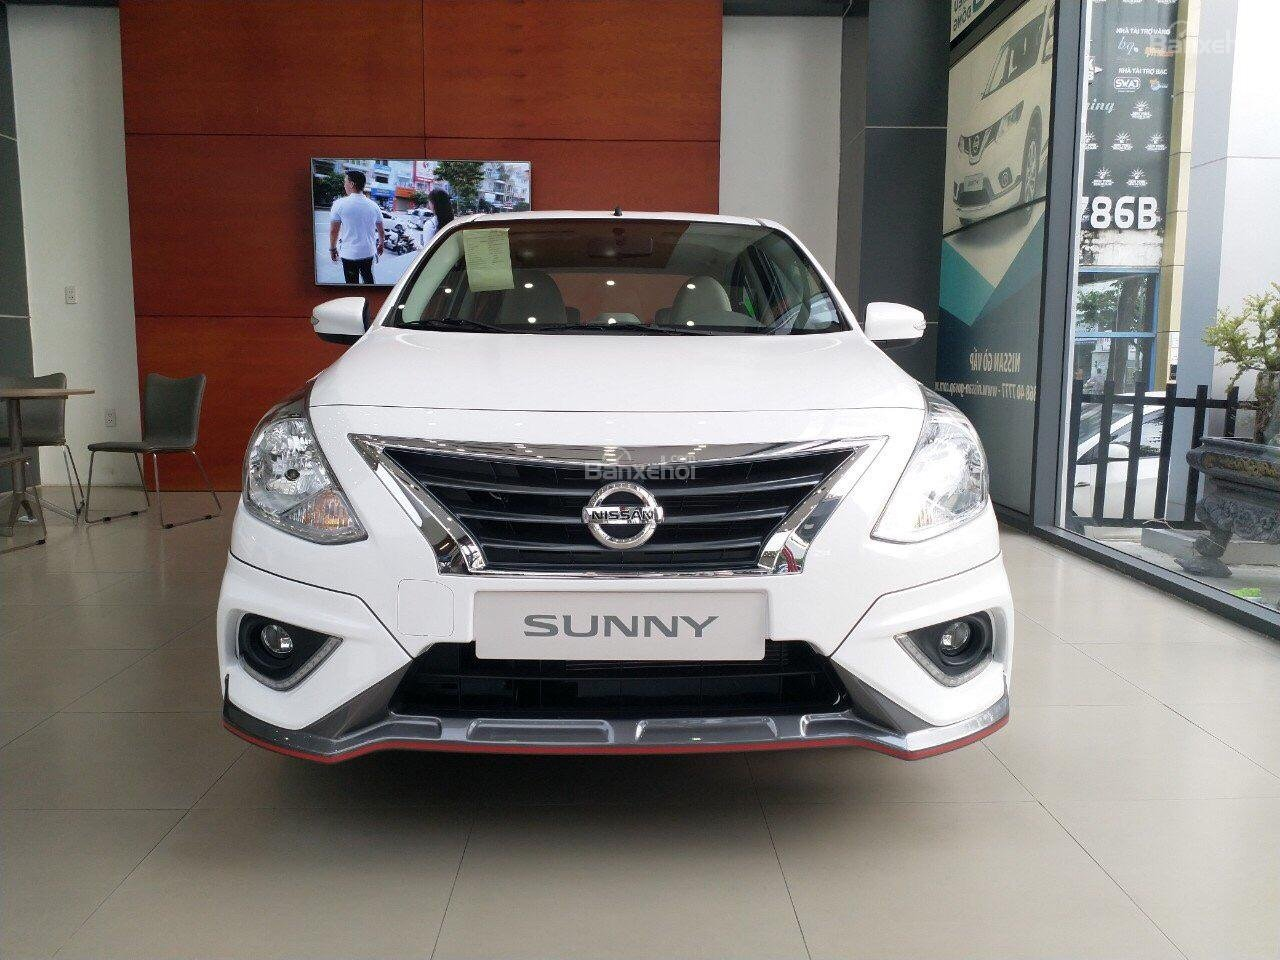 Bán Nissan Sunny XV-Q-Series - phiên bản bản hoàn toàn mới - giảm giá lên đến 40 triệu đồng-2